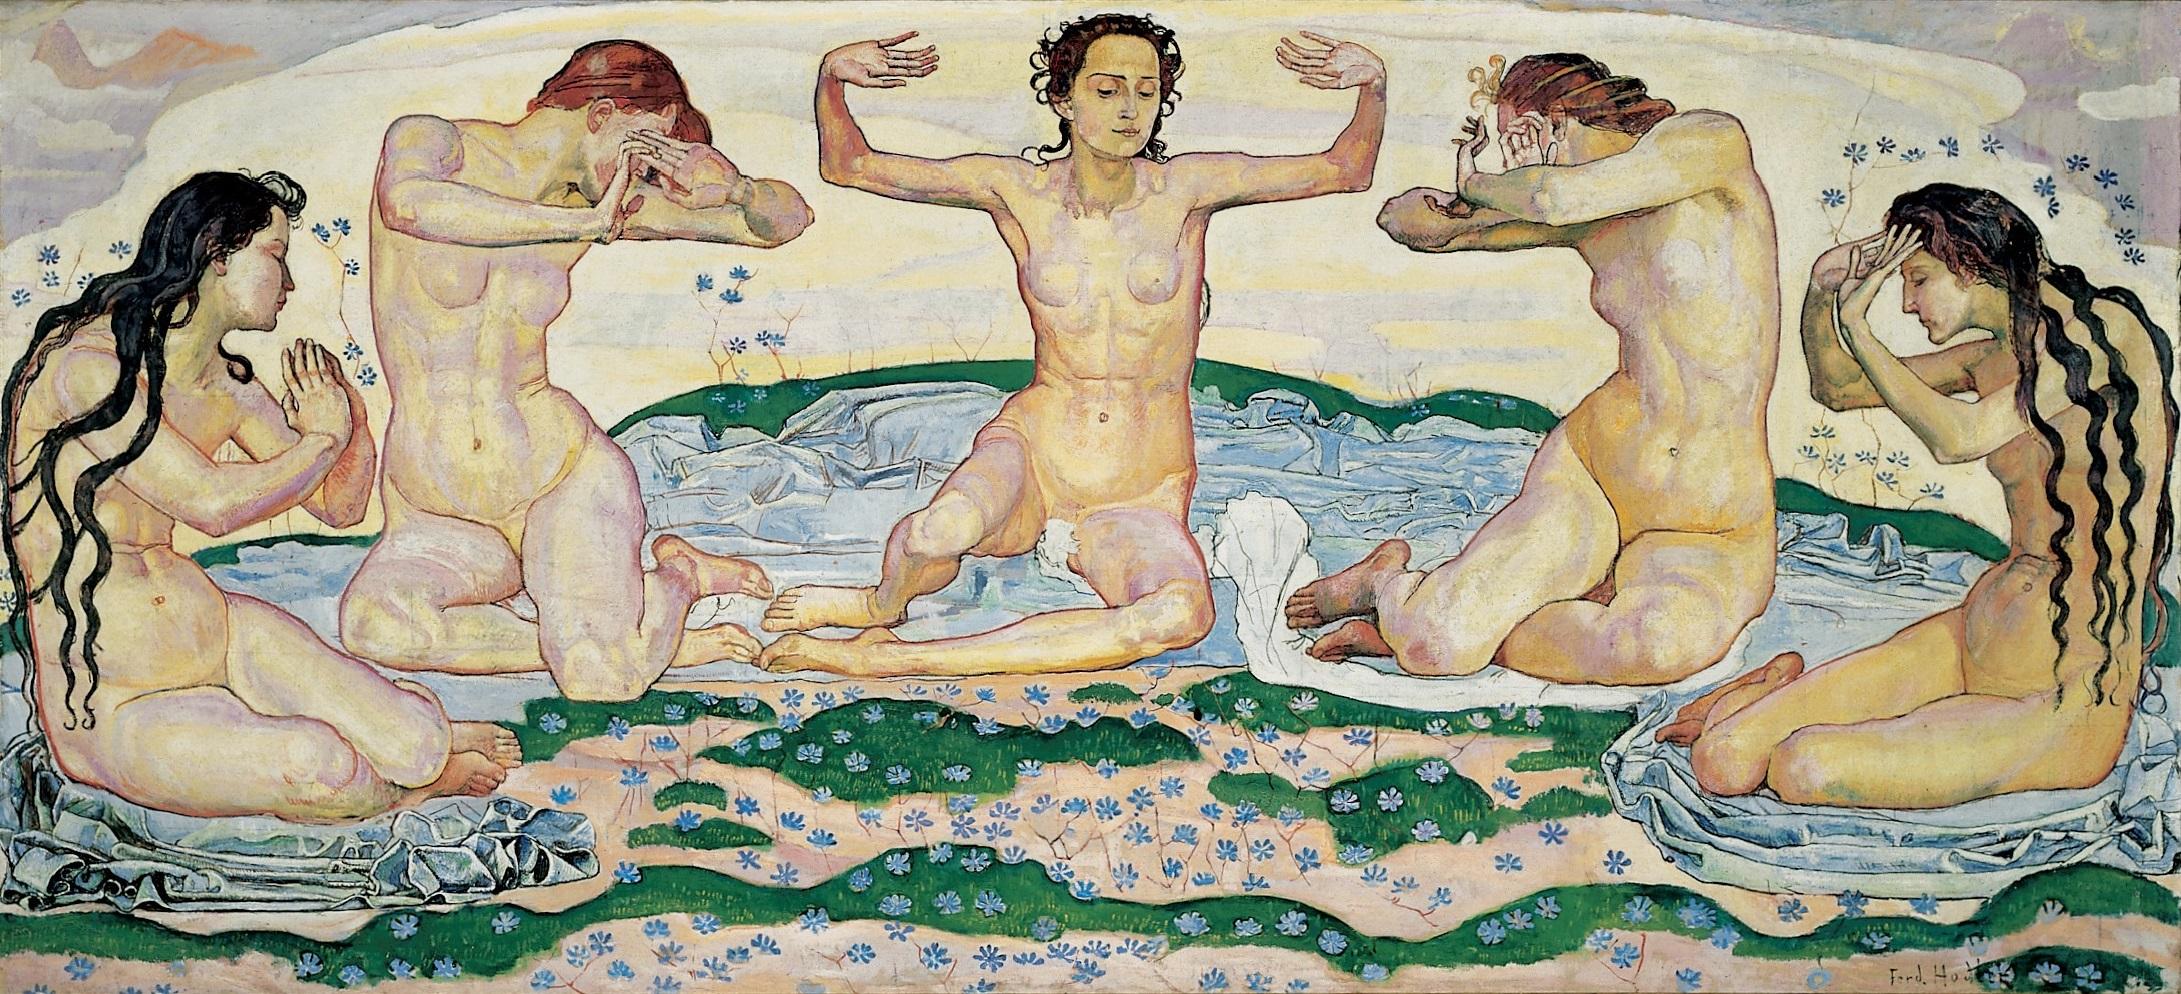 Il pourrait s'agir des sirènes de Debussy, mais en fait ce sont celles de Ferdinand Hodler, son tableau «Le jour»